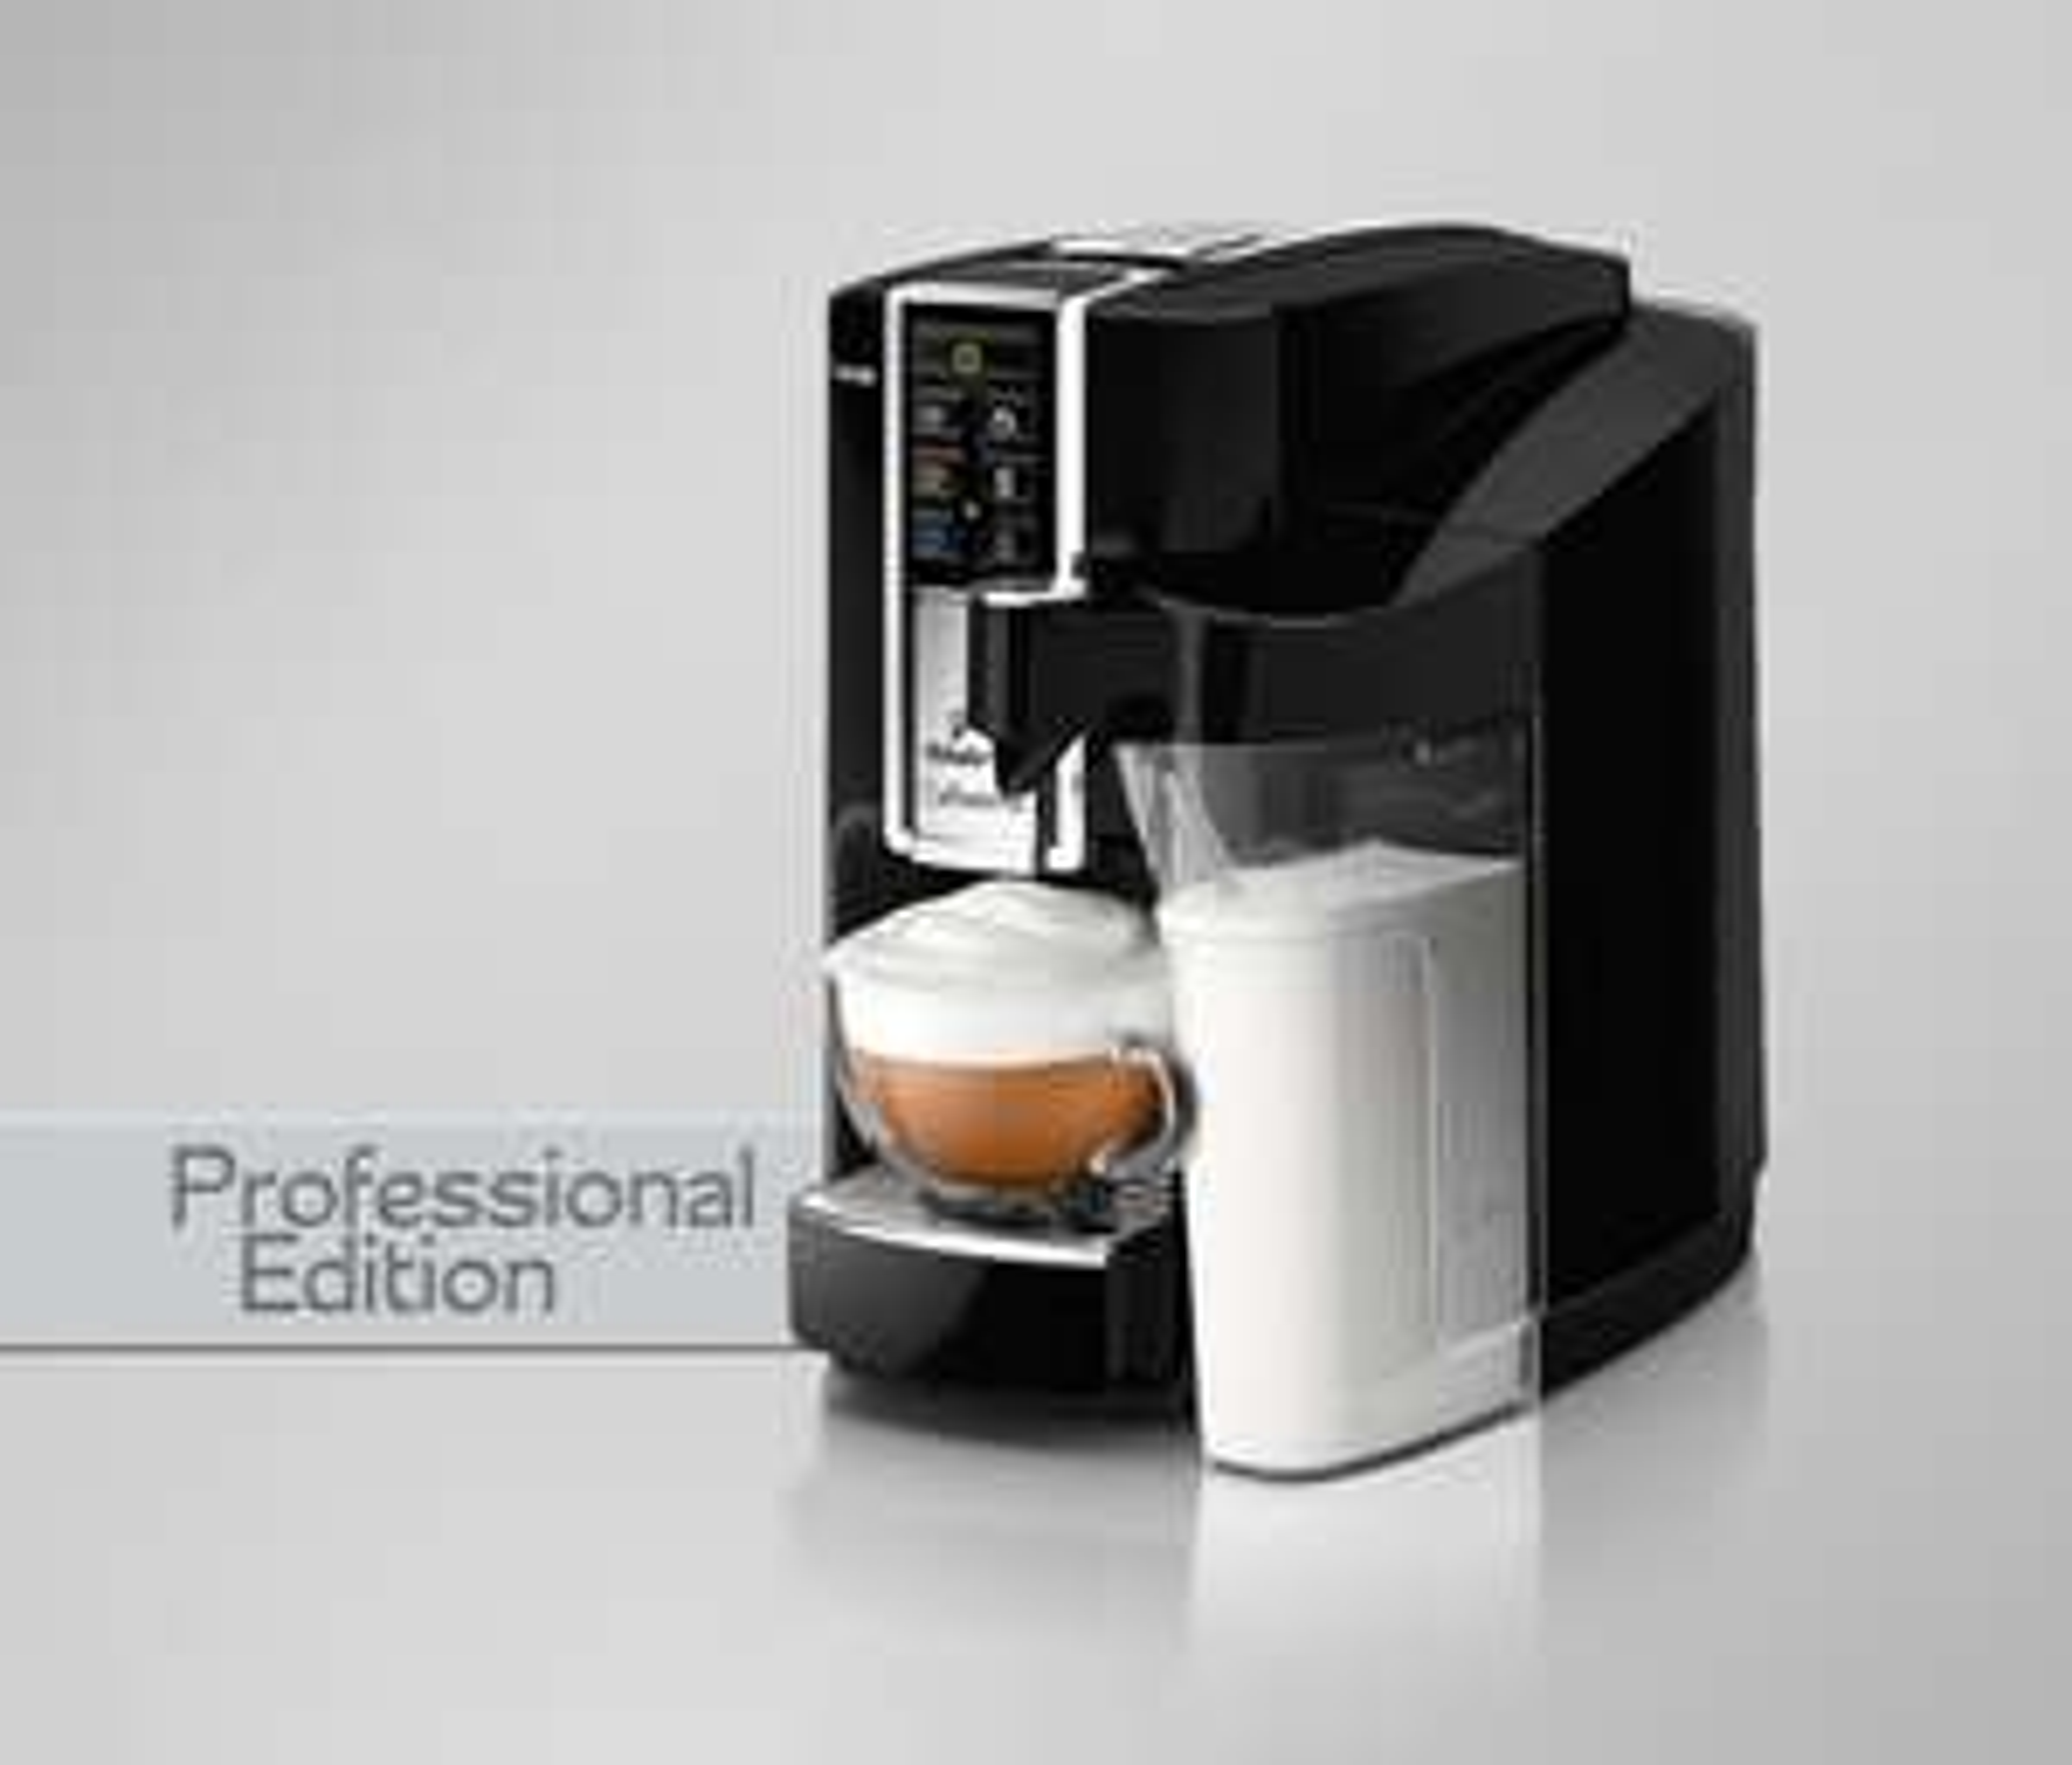 [Tchibo] Cafissimo Latte Professional dank Gutschein für 99€